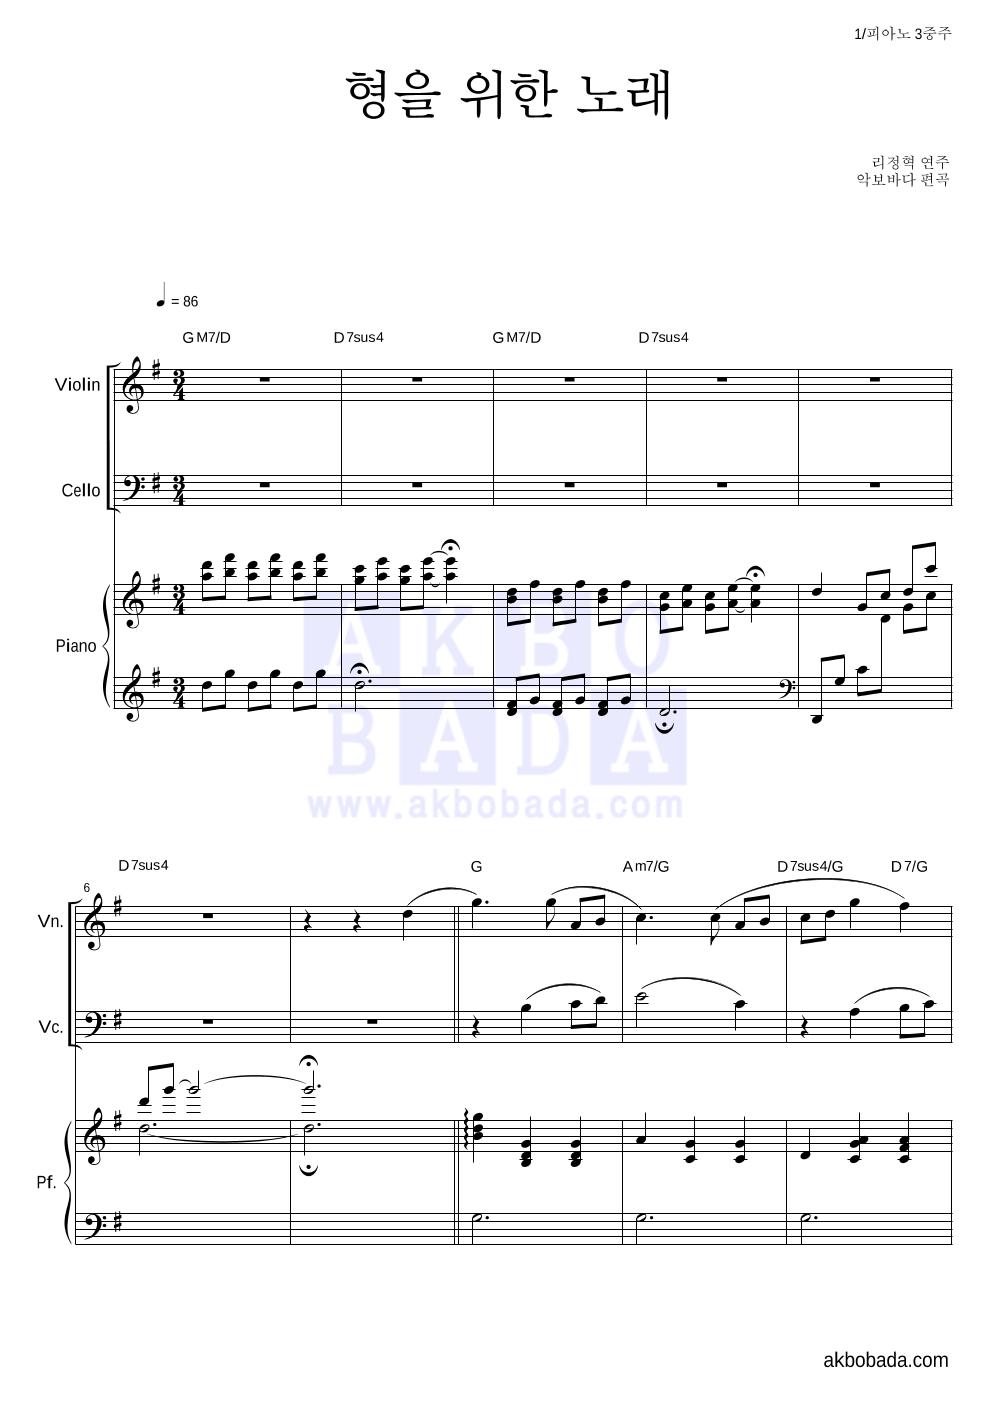 사랑의 불시착 OST - 형을 위한 노래(리정혁 피아노 연주곡) 피아노3중주 악보